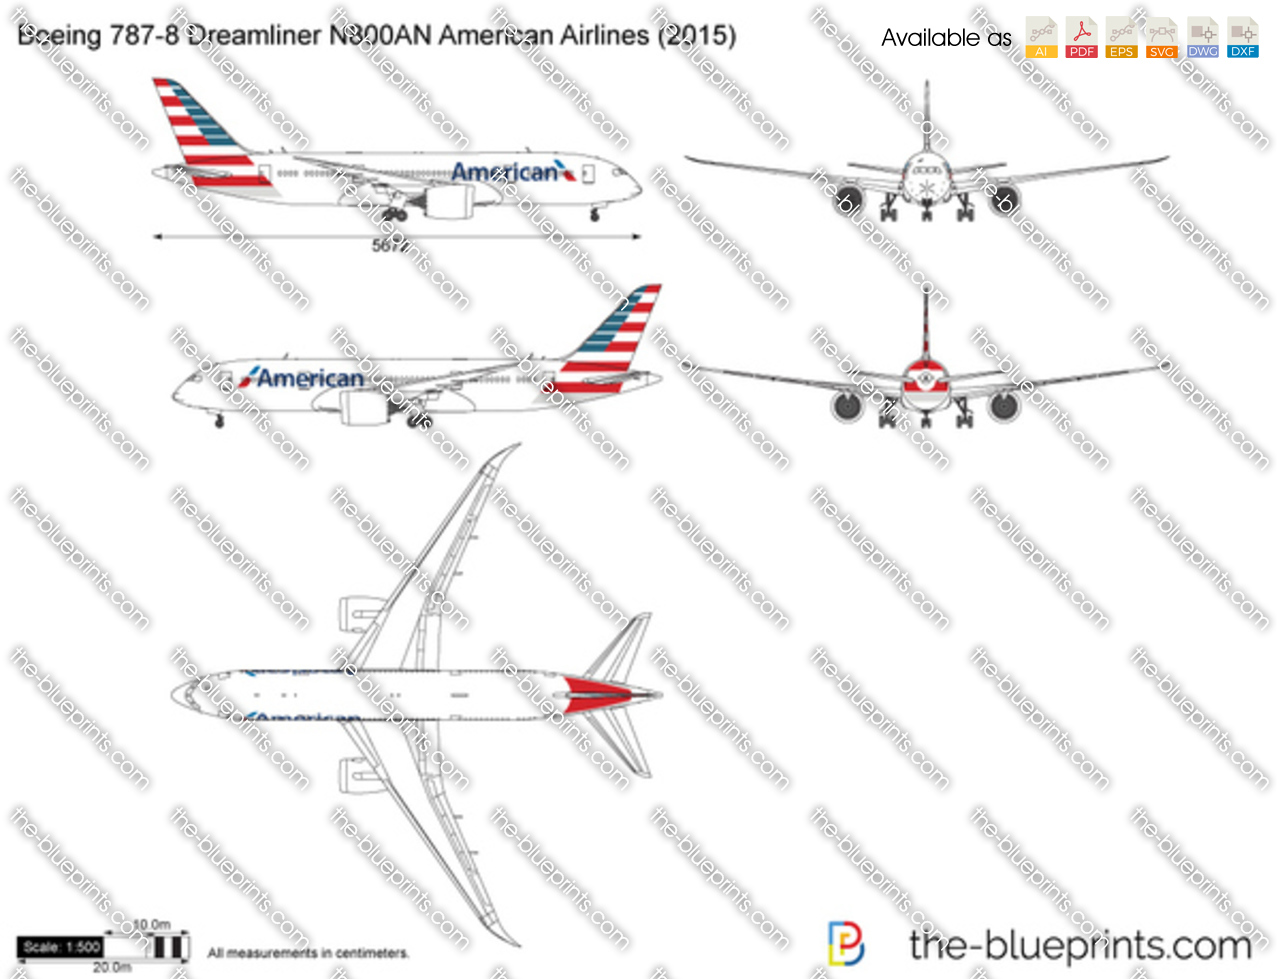 Boeing 787-8 Dreamliner N800AN American Airlines 2018